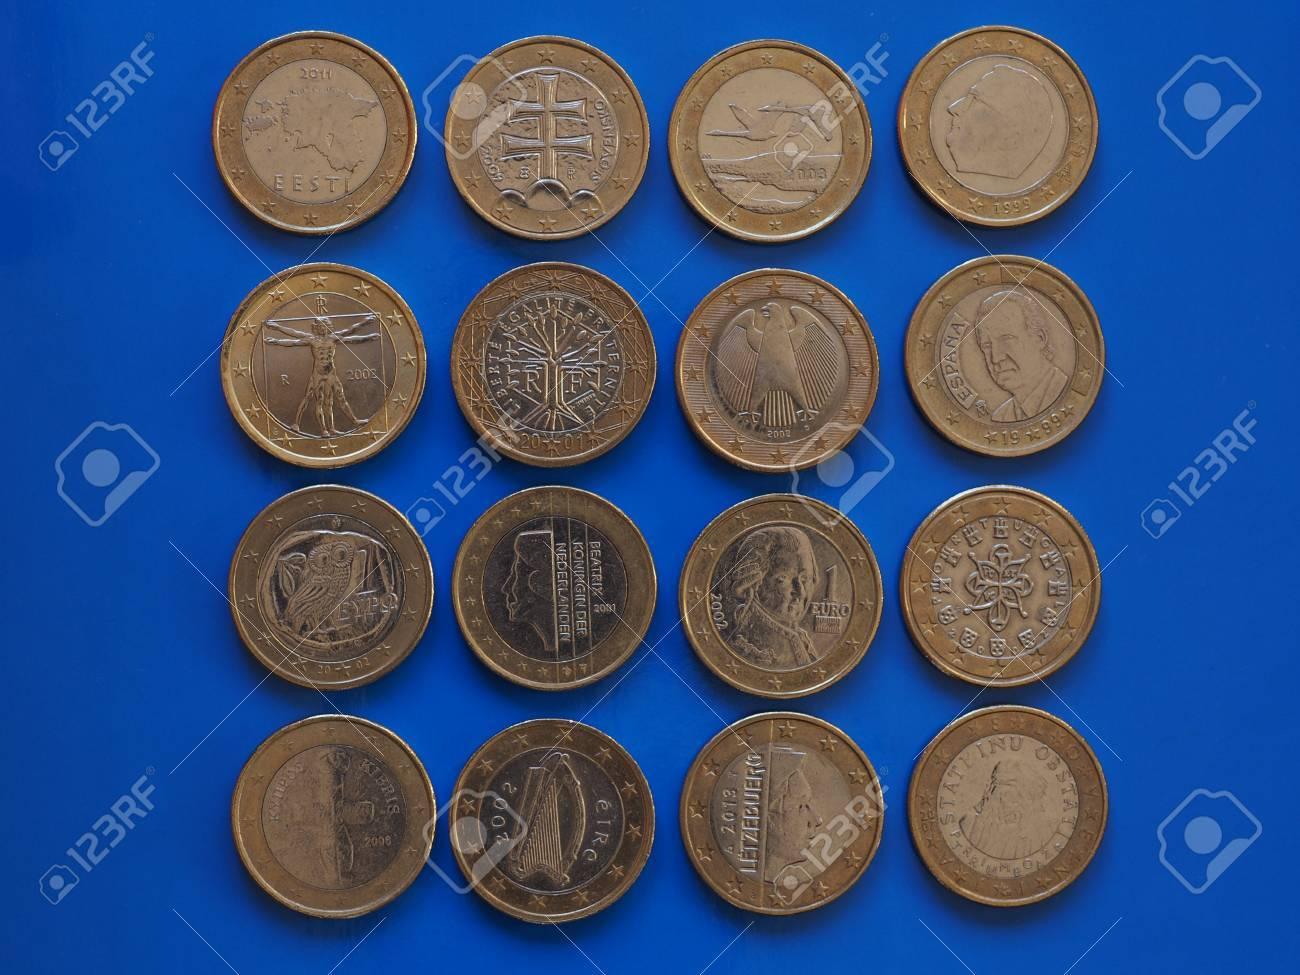 1 Euro Münzengeld Eur Währung Der Europäischen Union Viele